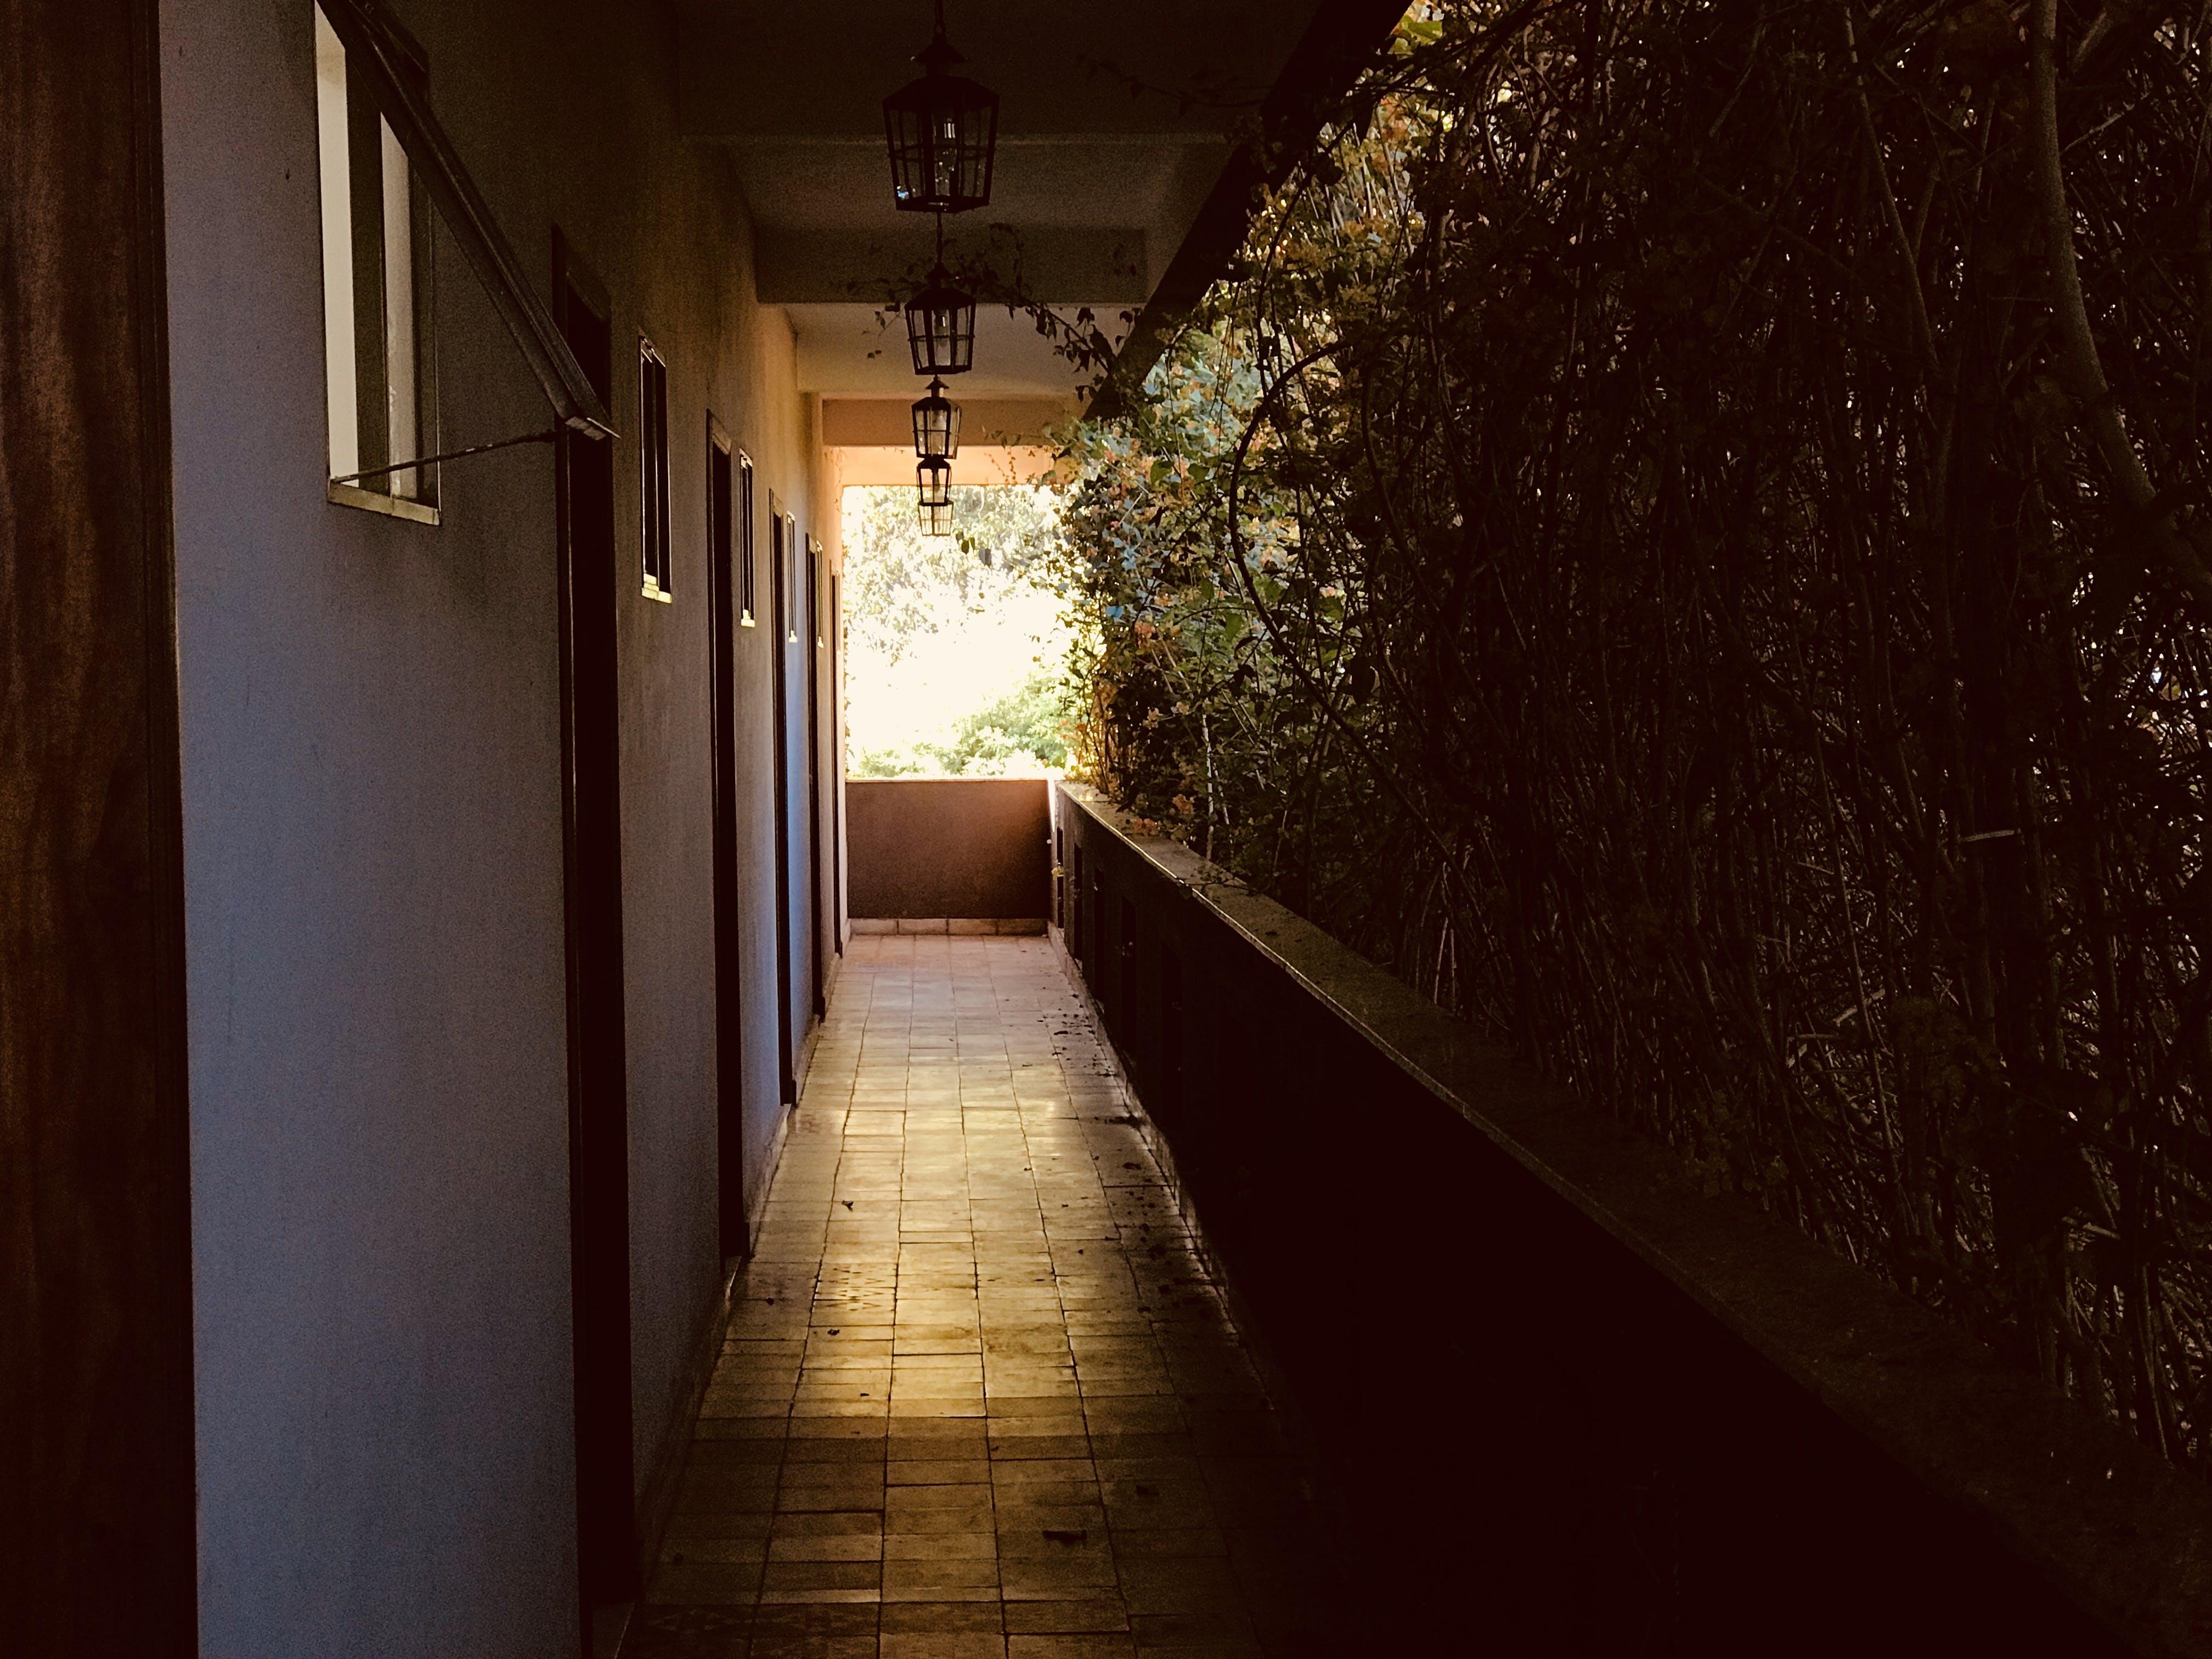 Concrete House Hallway